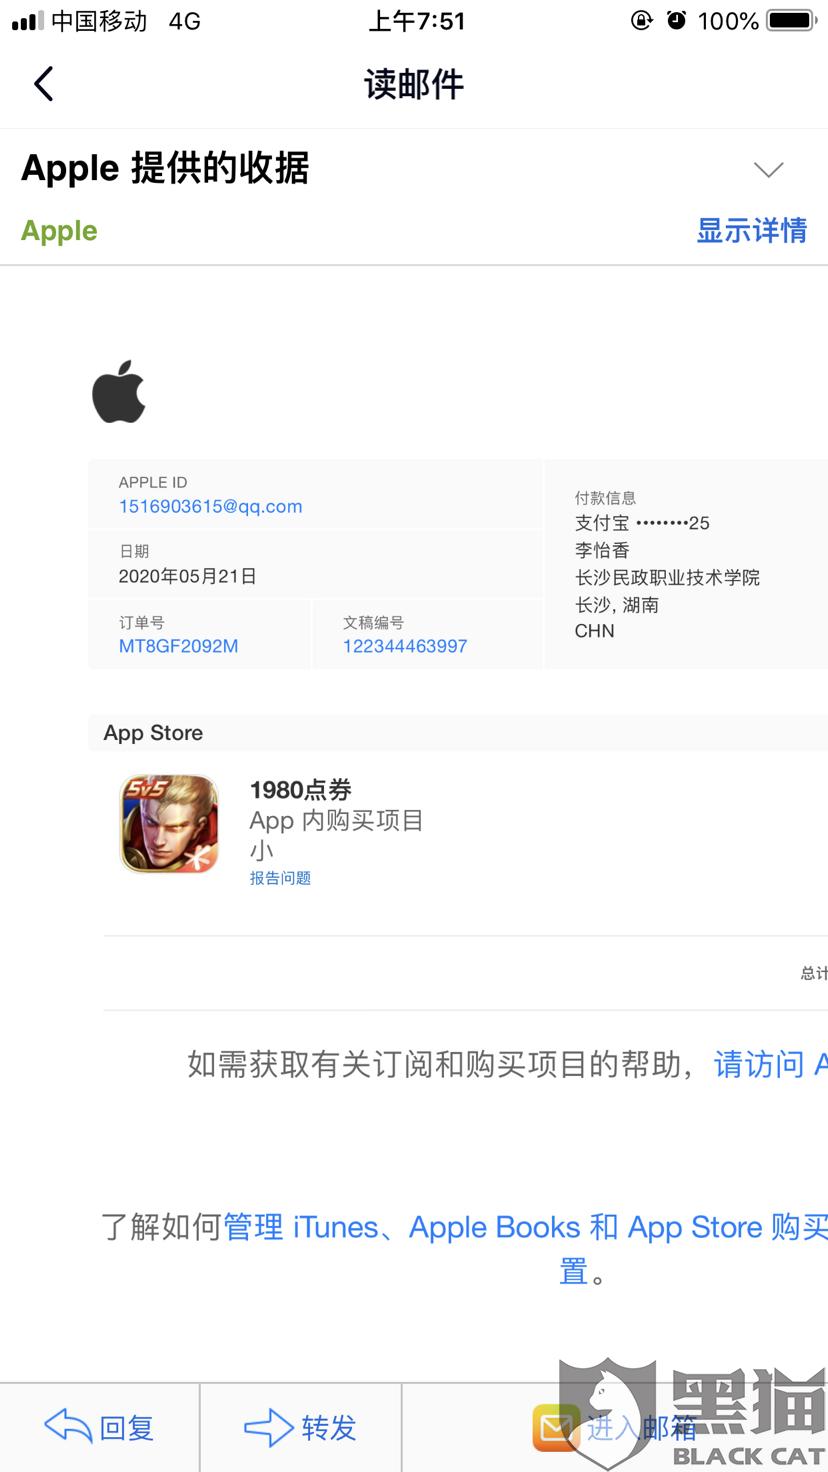 黑猫投诉:关于苹果Apple技术不通过意外购买交易金额的投诉